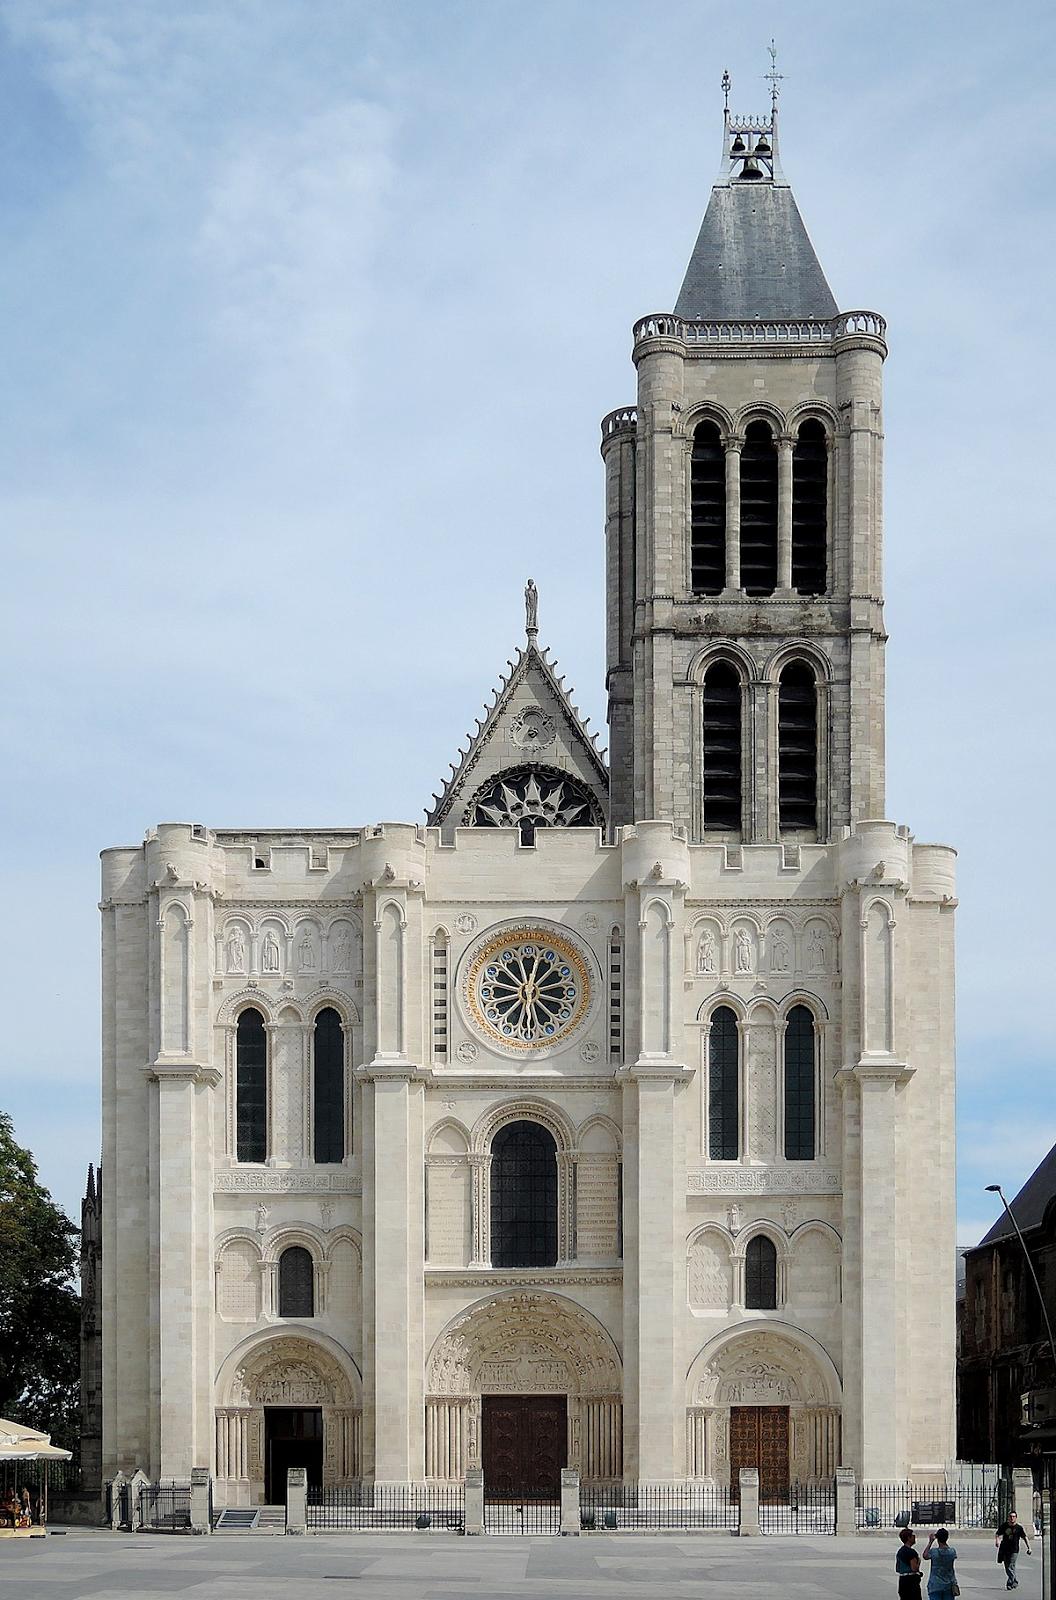 Abbey of Saint-Denis in Paris | Saint-Denis